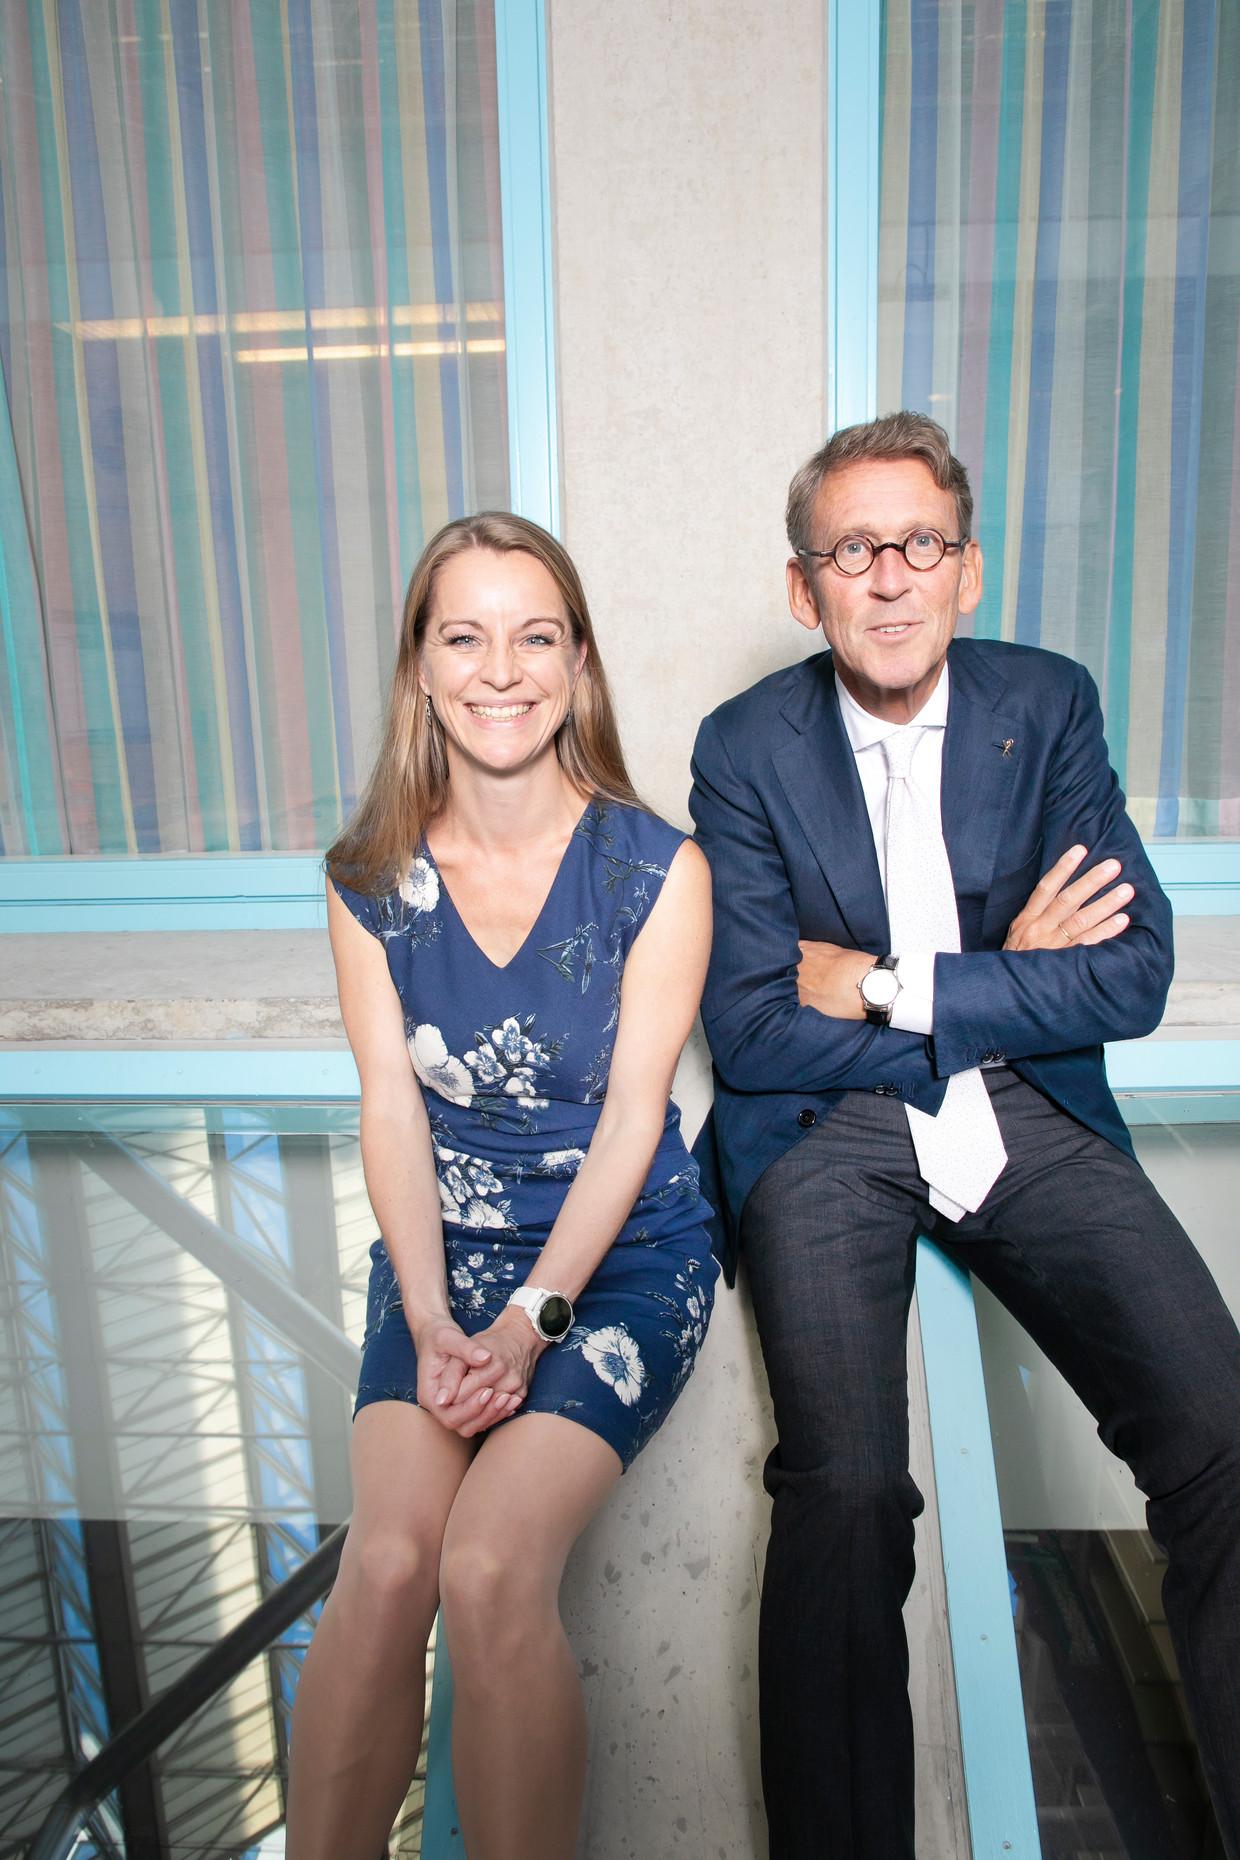 Jetske van der Schaar en Philip Scheltens in het VU Medisch Centrum, Amsterdam. Beeld Judith Jockel